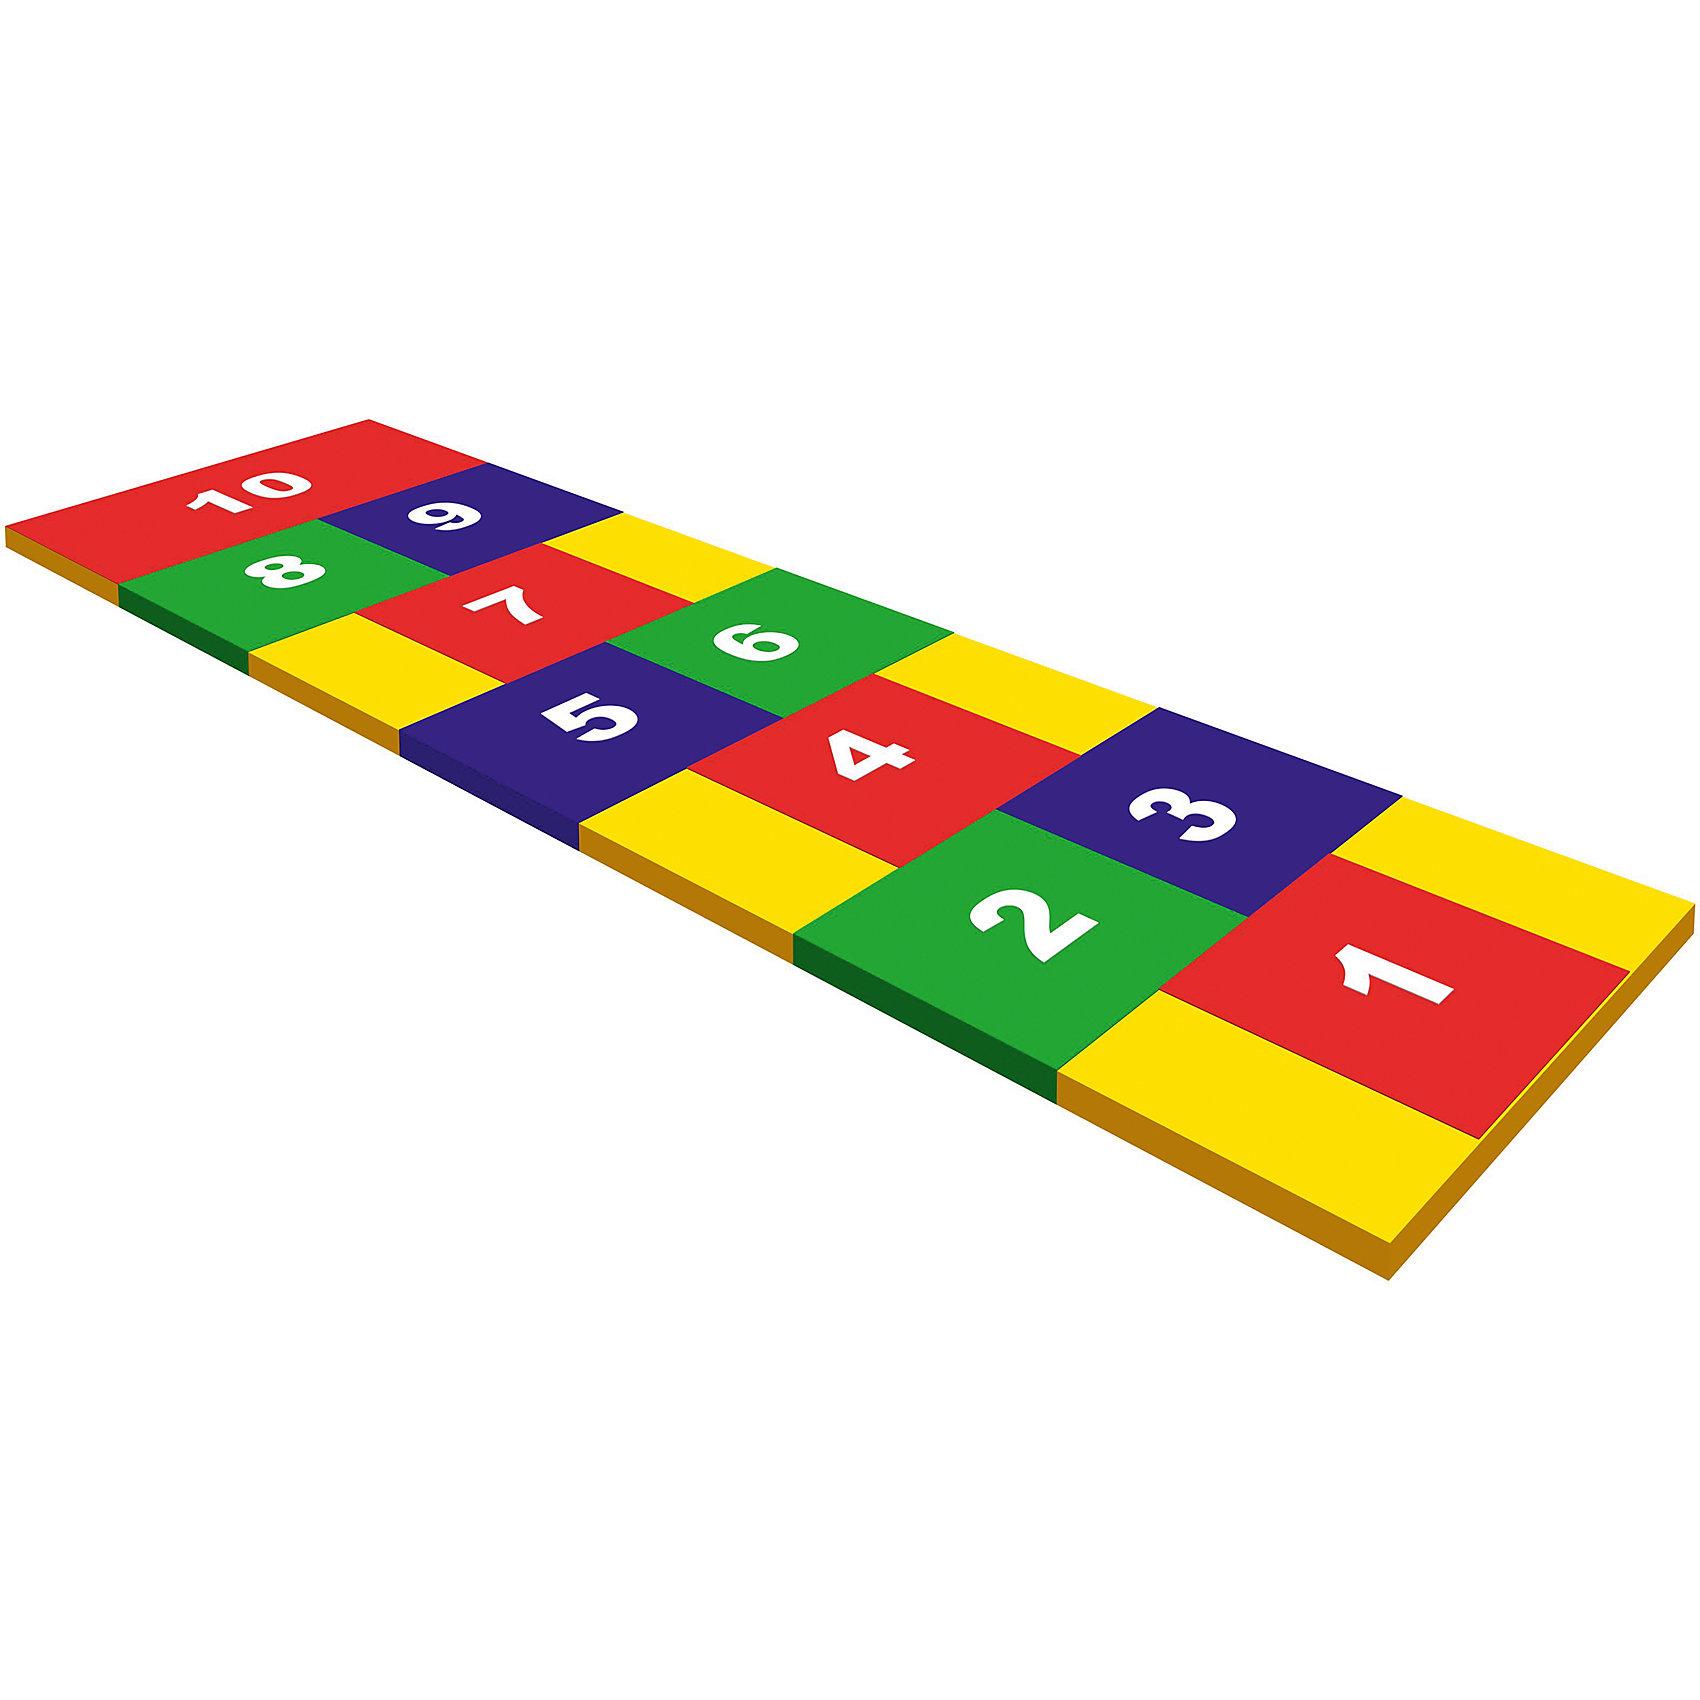 Спортивно-игровой коврик Классики, ROMANAИгровые наборы<br>Спортивно-игровой коврик Классики, ROMANA  - это цветная дорожка с изображением цифр для игры в классики. Кроме того, коврик поможет  запомнить цифры, изучить цвета и развить координацию. <br><br>Коврик предназначен для выполнения спортивных упражнений и игровых занятий. Может использоваться отдельно или в составе детских игровых комплексов в домашних условиях. Изготовитель гарантирует соответствие изделия требованиям ГОСТ 25779-90. <br><br>Дополнительная информация:<br>- Размеры: длина (см) 210, ширина (см) 60<br>- Материал: поролон, винилискожа<br><br>Спортивно-игровой коврик Классики, ROMANA можно купить в нашем интернет-магазине.<br><br>Ширина мм: 2100<br>Глубина мм: 600<br>Высота мм: 30<br>Вес г: 1500<br>Возраст от месяцев: 36<br>Возраст до месяцев: 96<br>Пол: Унисекс<br>Возраст: Детский<br>SKU: 5129364